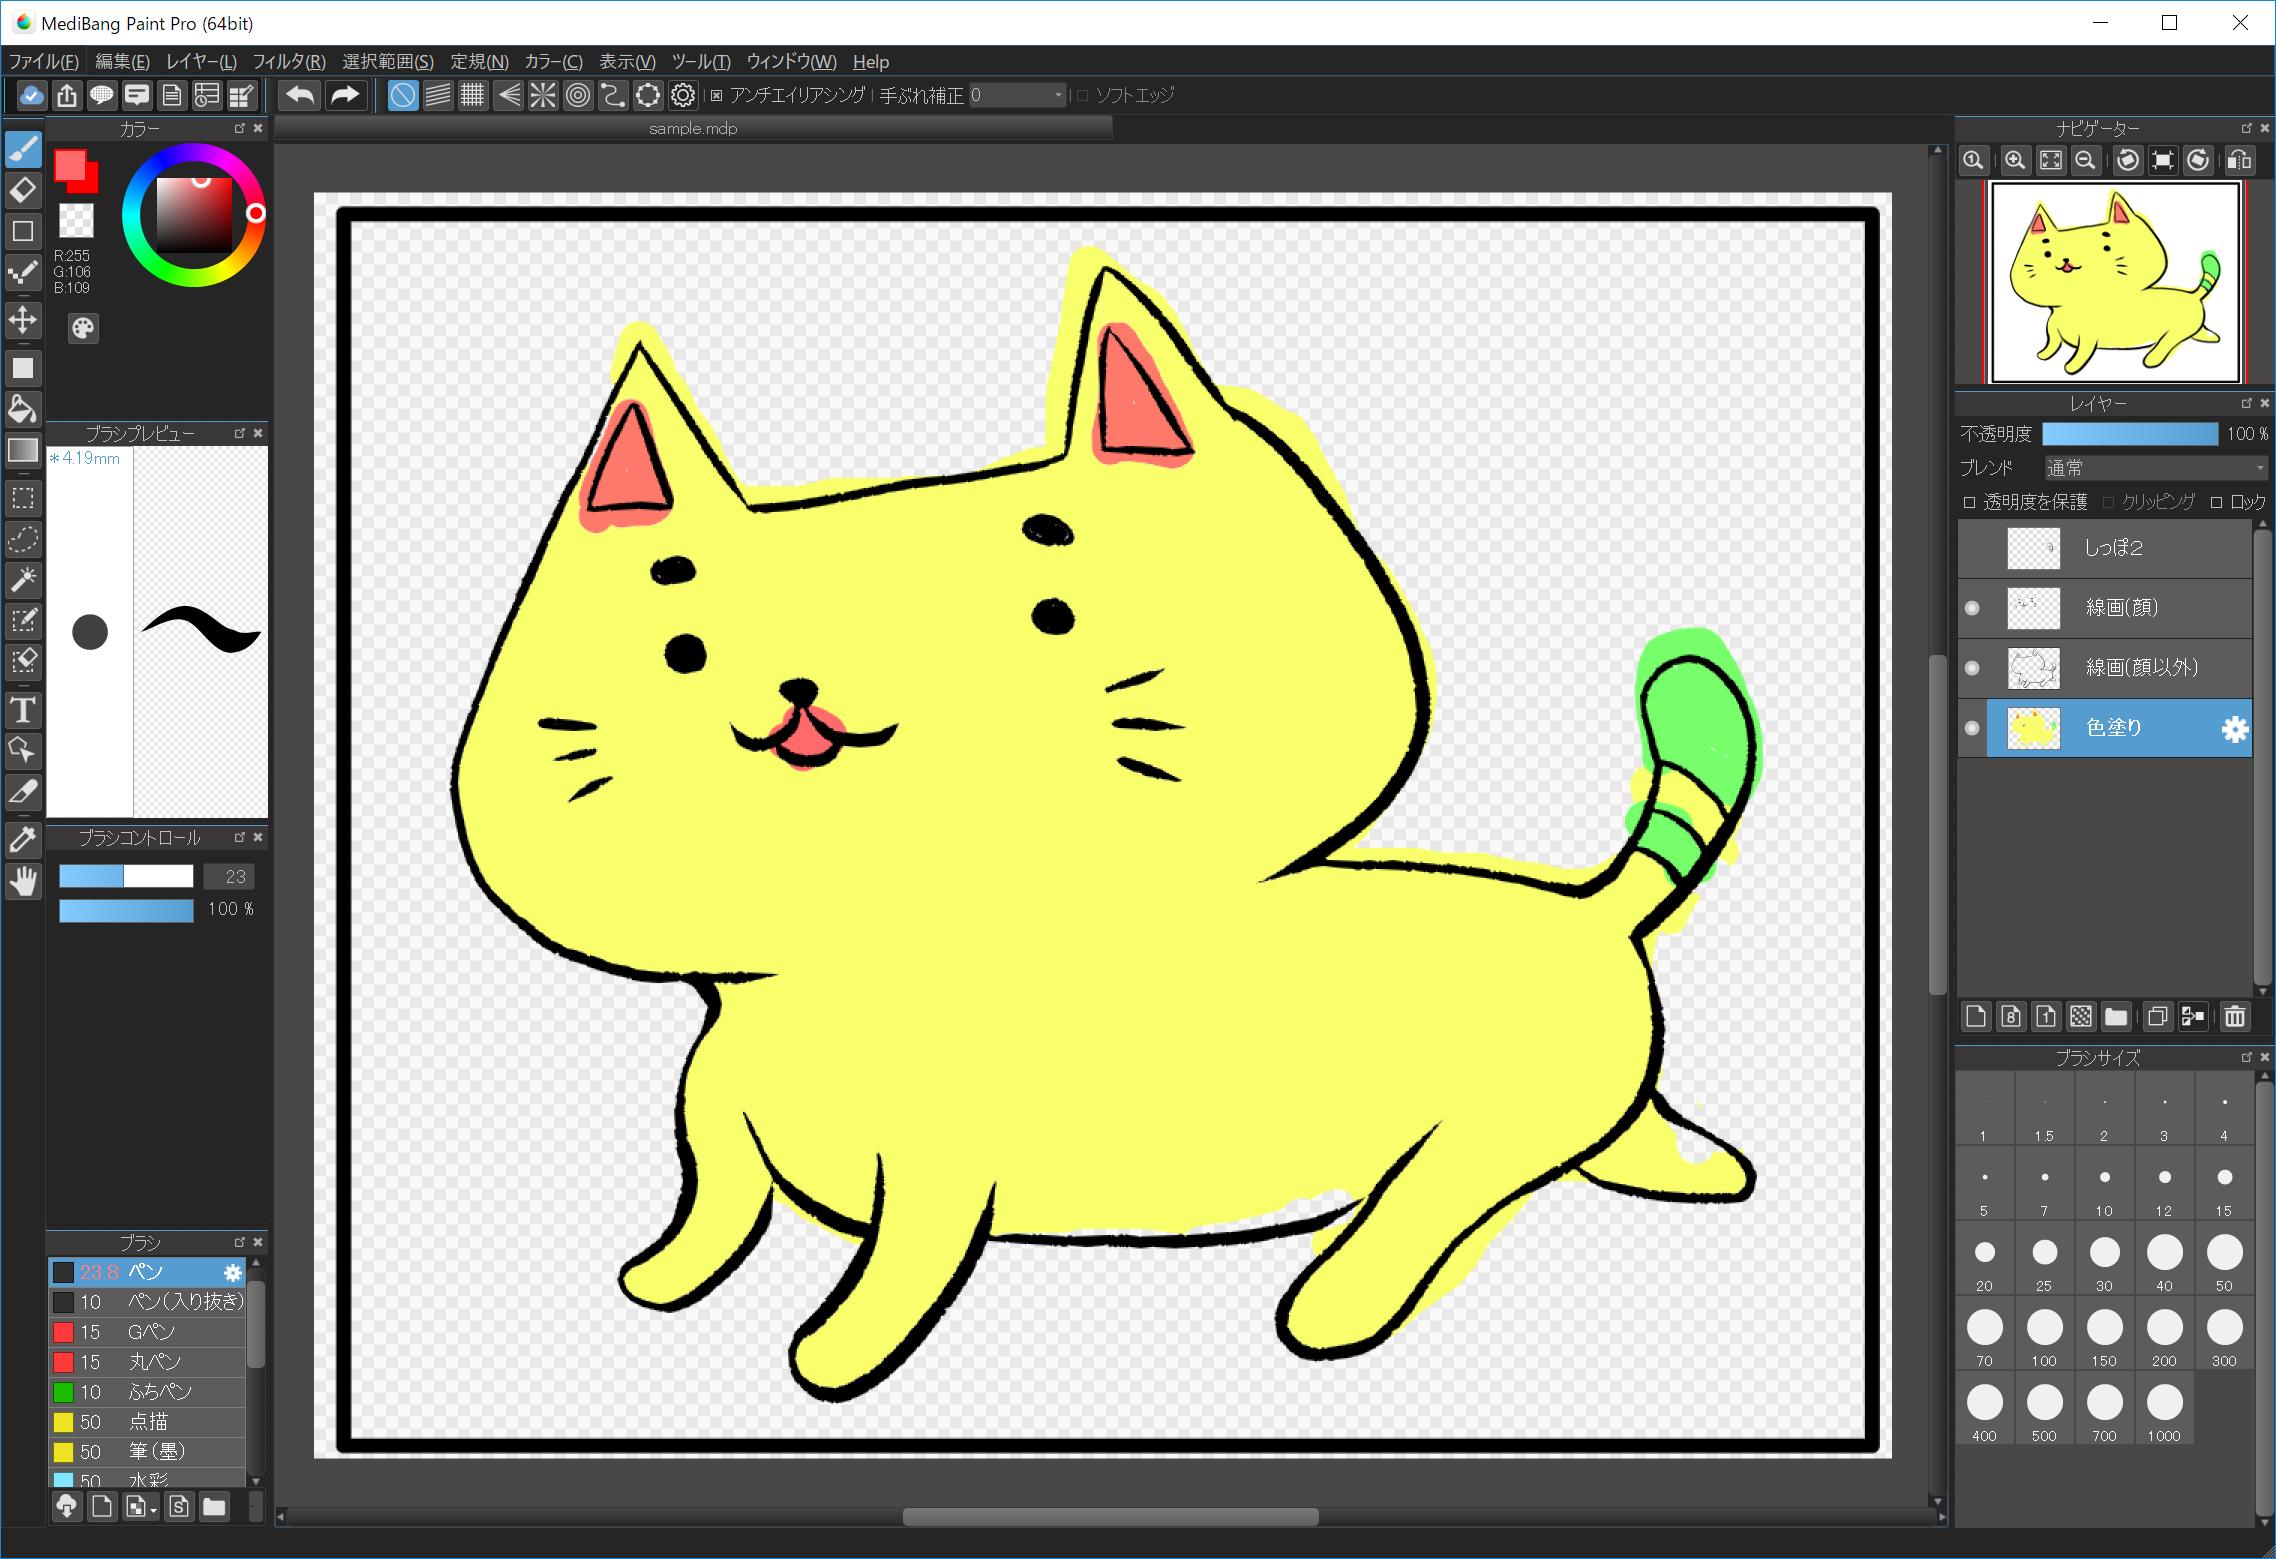 고양이를 노란색으로 칠해보았습니다